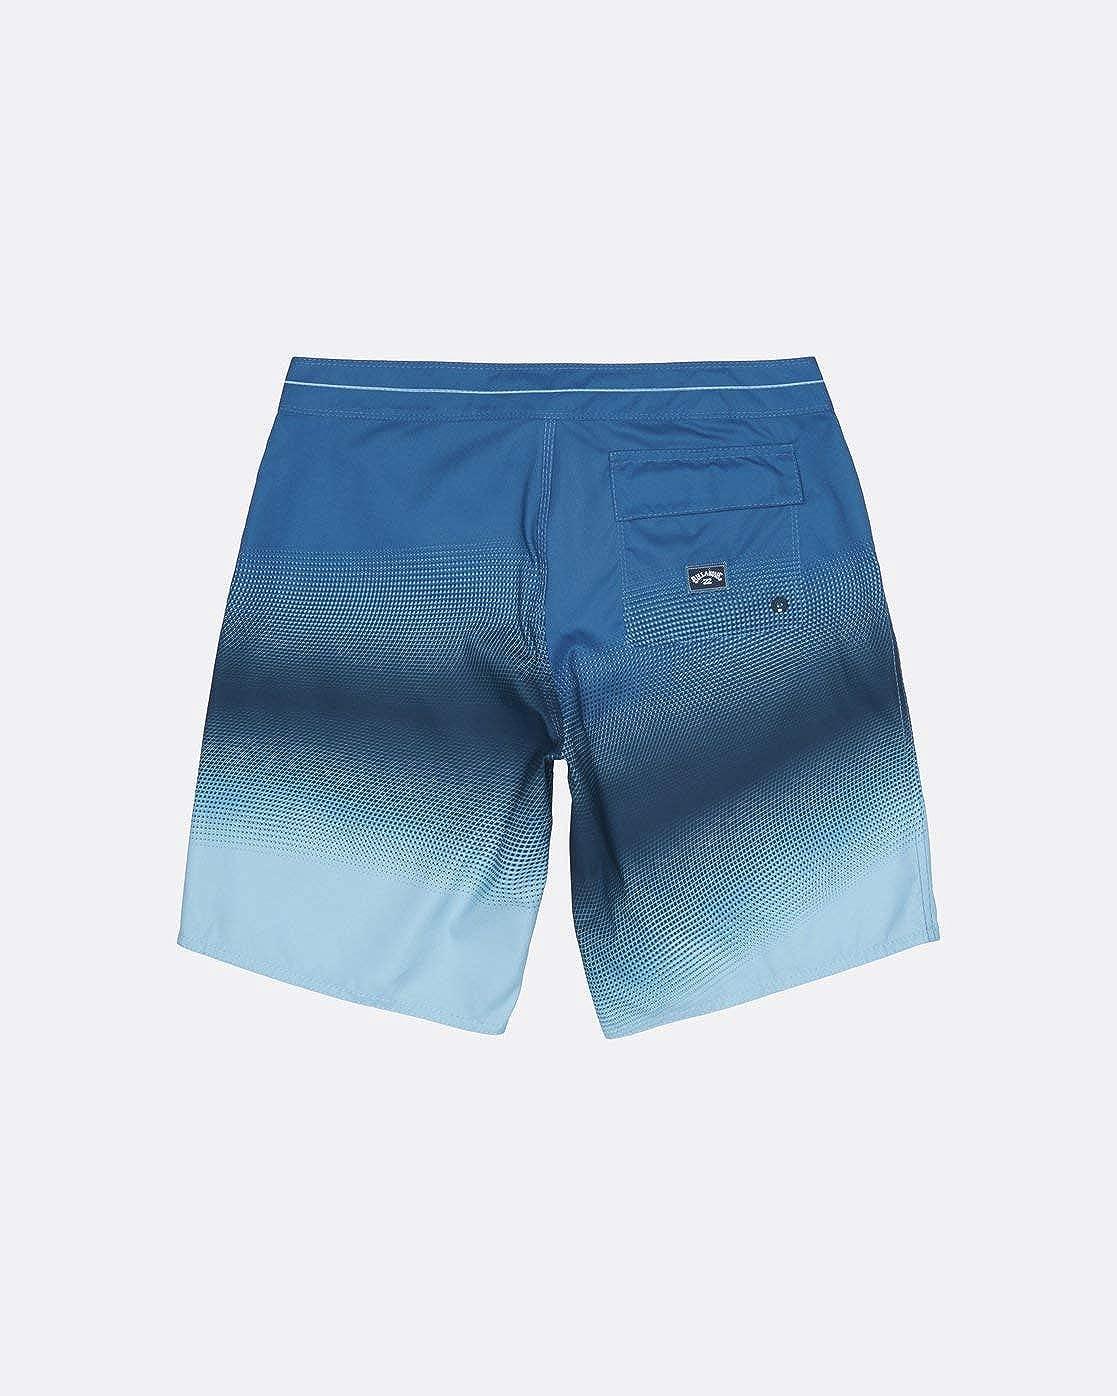 Recreational Shorts Uomo BILLABONG Resistance Og